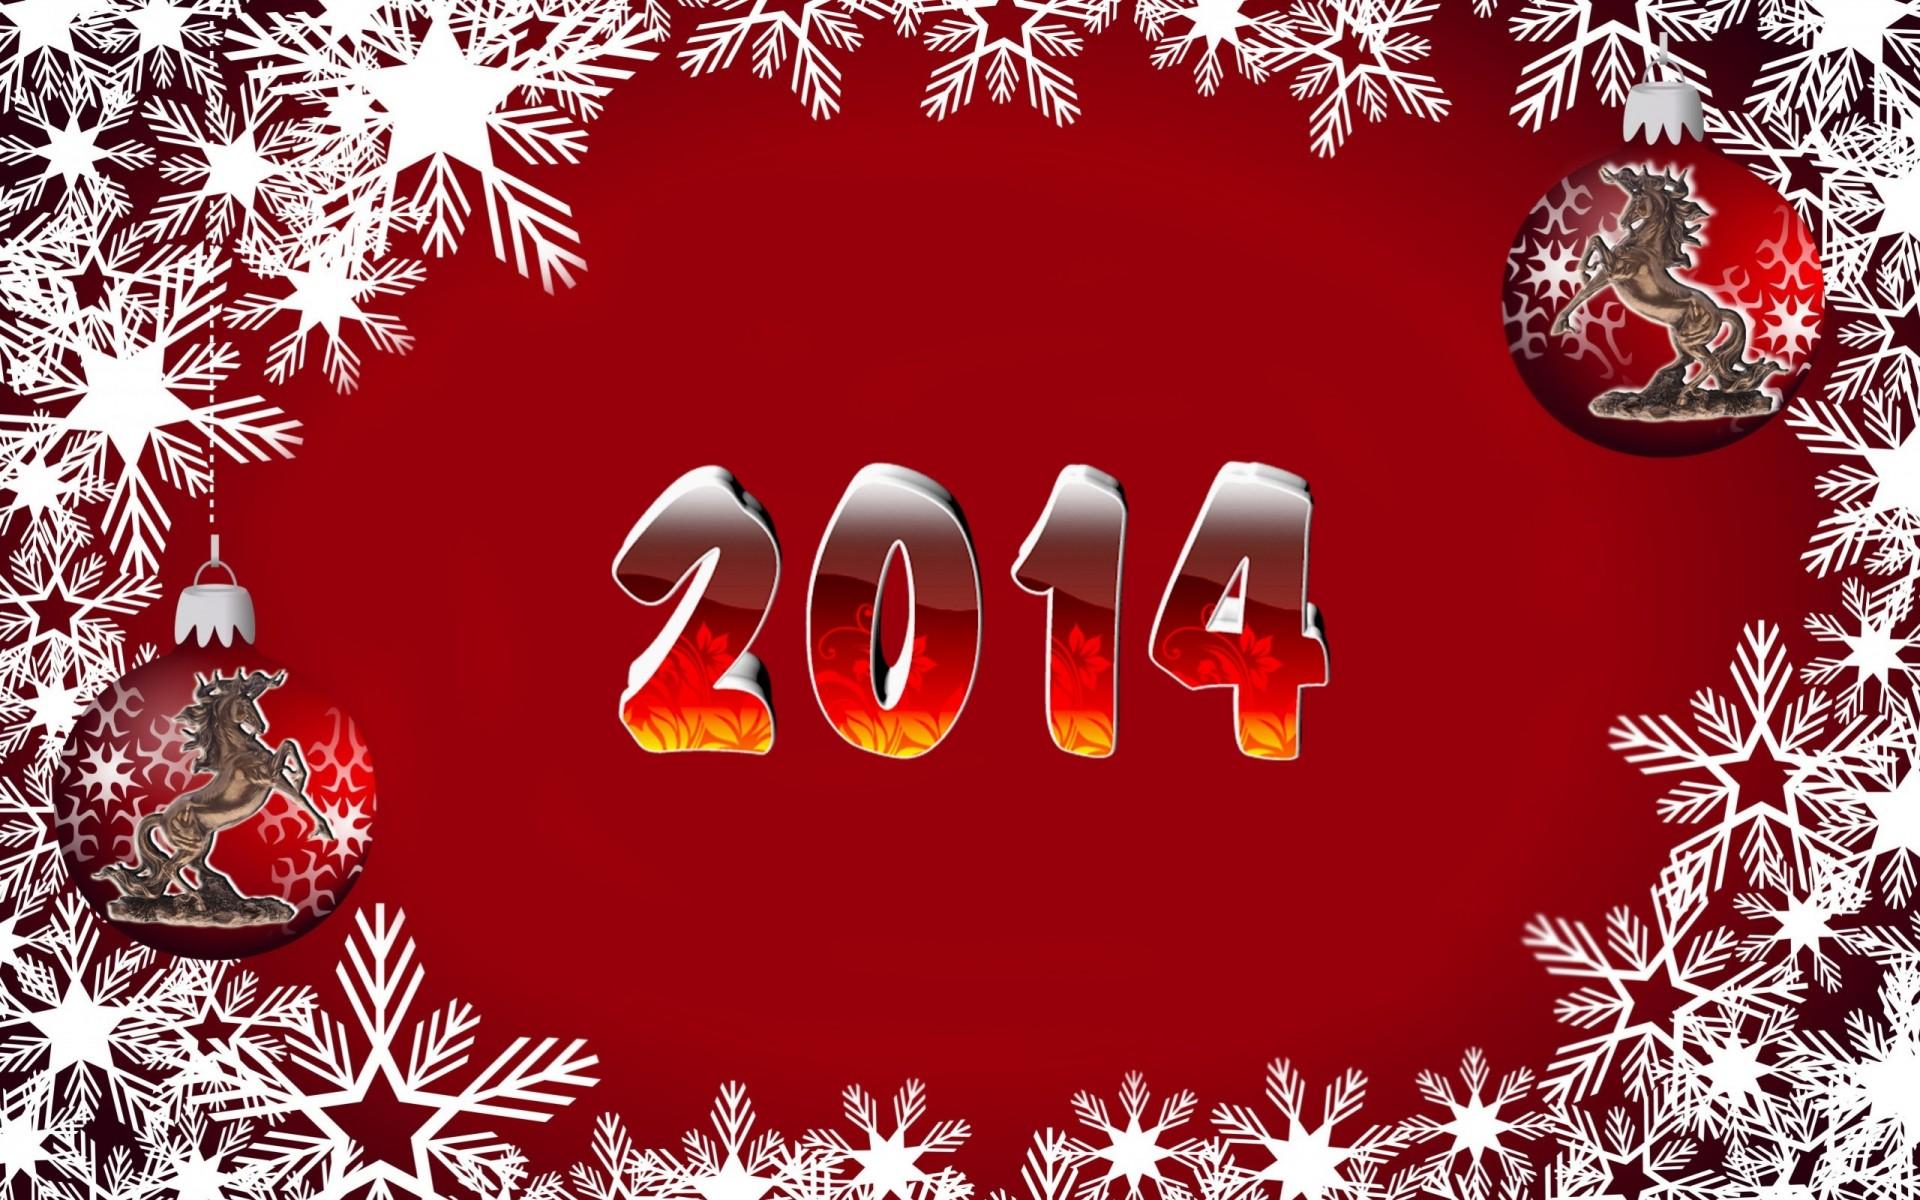 Рамка марта, открытки с новым годом на 2011 года